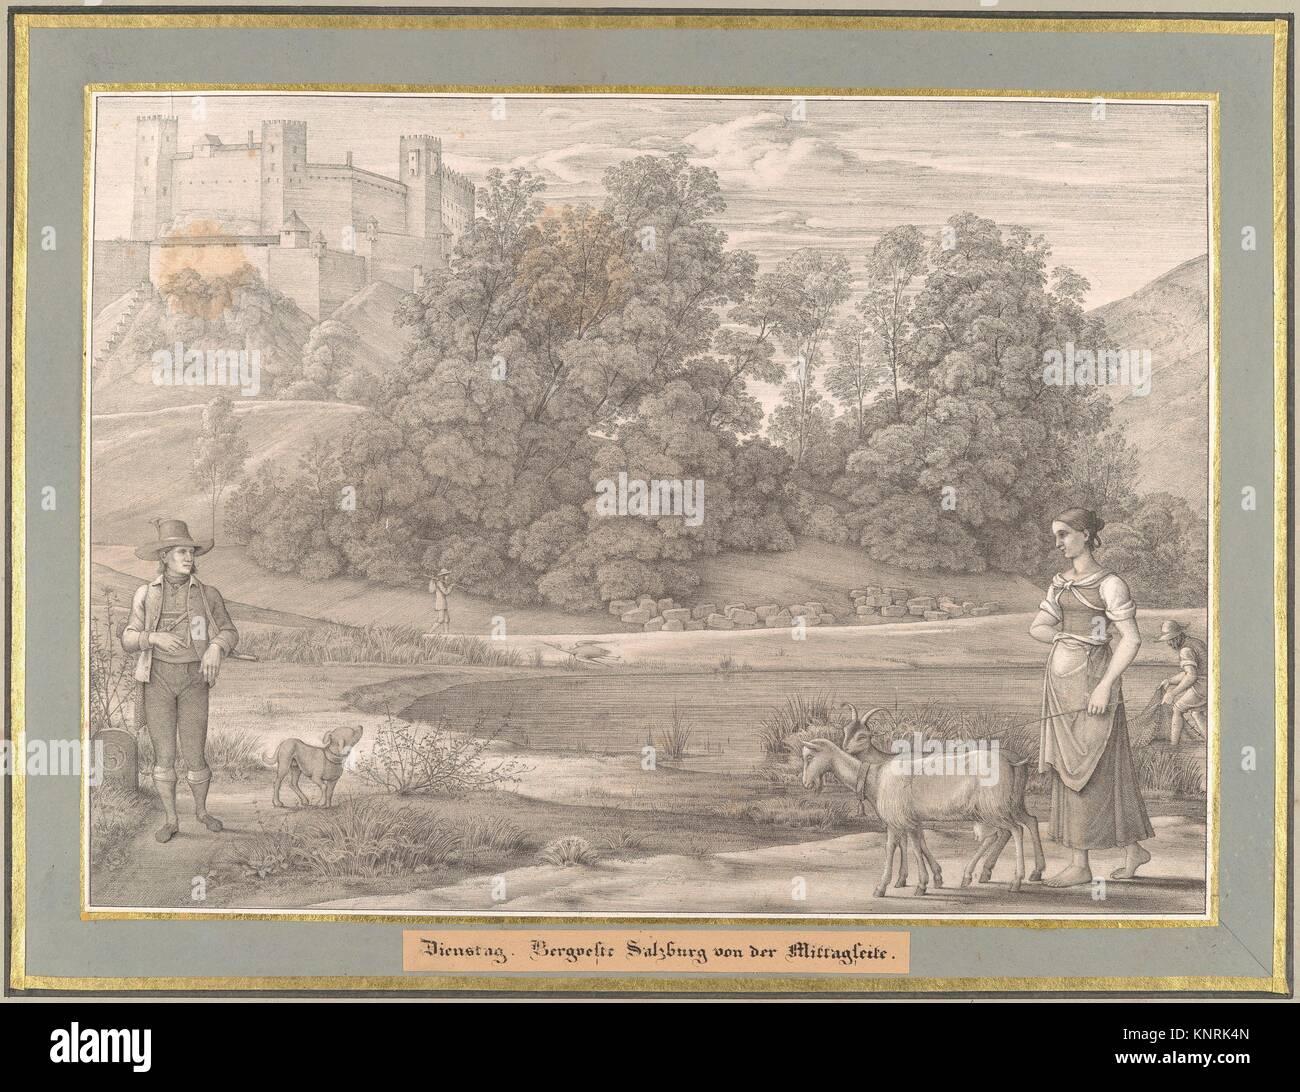 Sieben Gegenden aus Salzburg und Berchtesgaden Geordnet nach den sieben Tagen der Woche, verbunden durch zwey allegorische - Stock Image